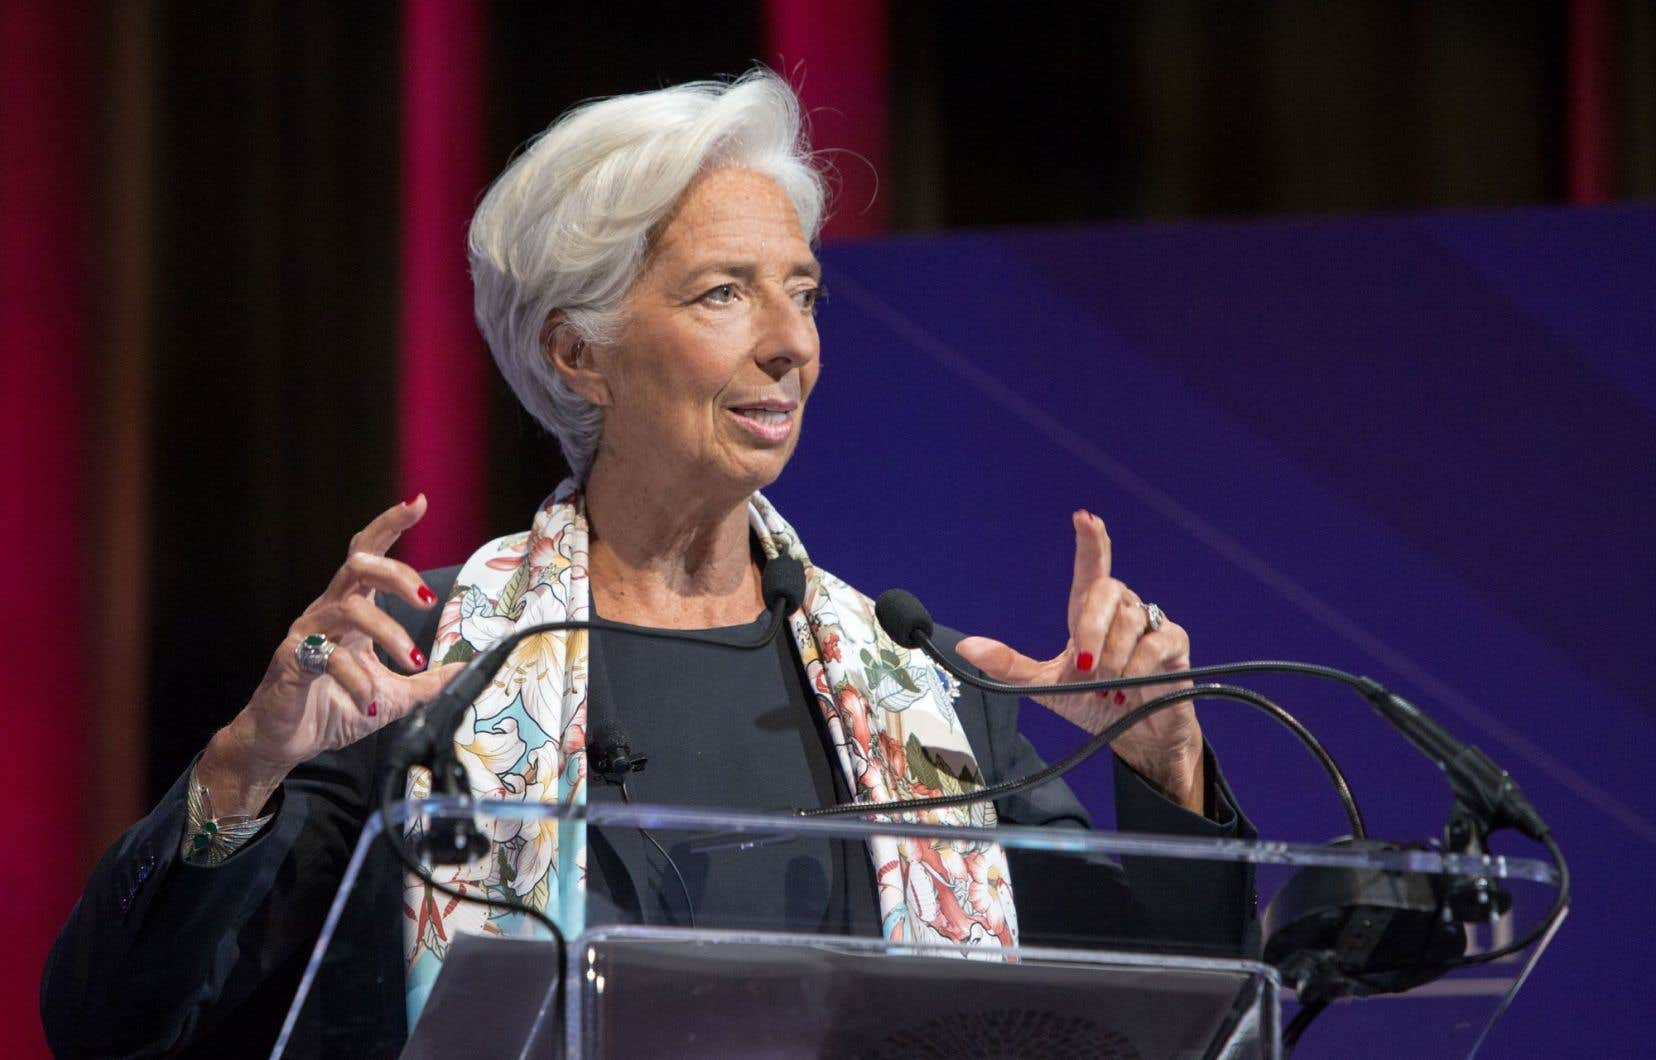 La directrice générale du FMI, Christine Lagarde, qualifie de «positive» la promesse de Donald Trump de mener un grand plan d'investissement aux États-Unis.